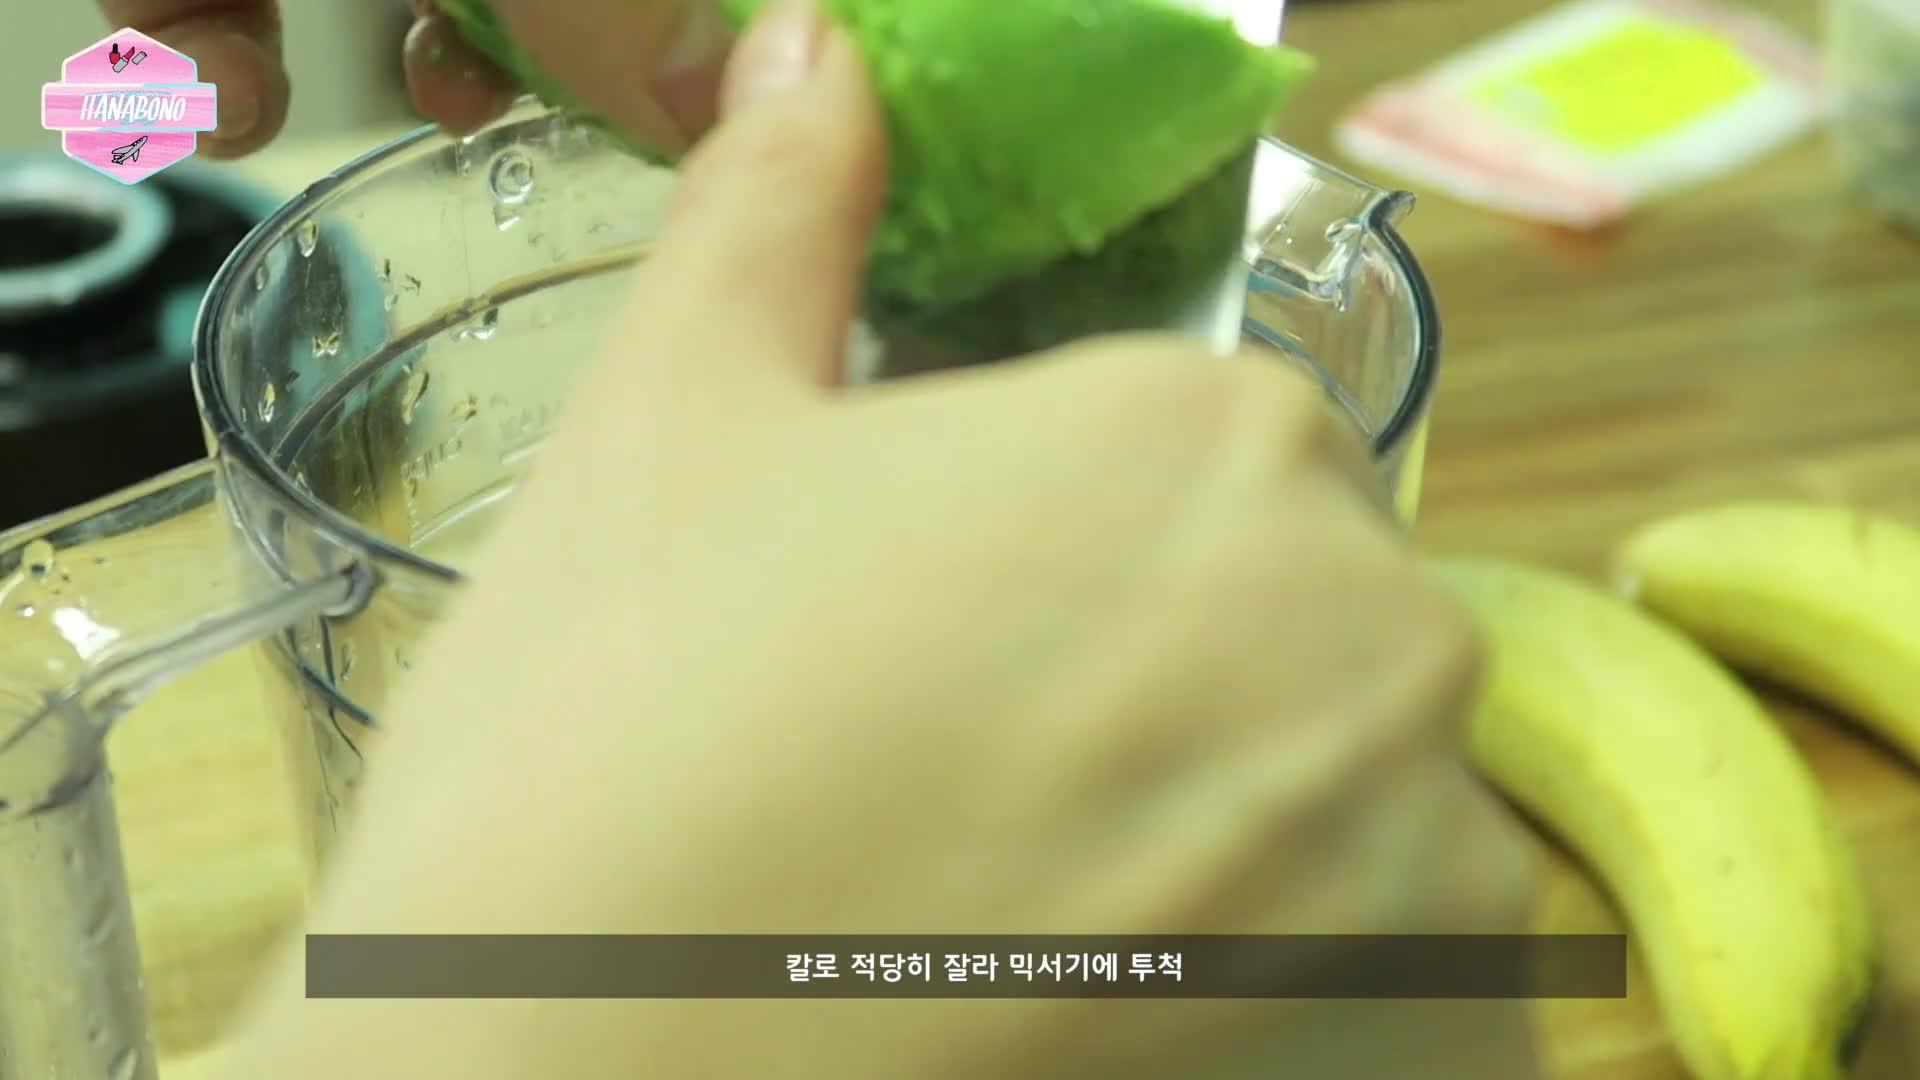 [1분팁]다이어트 할때 한끼 식사로 굿! 슈퍼푸드 아보카도 스무디